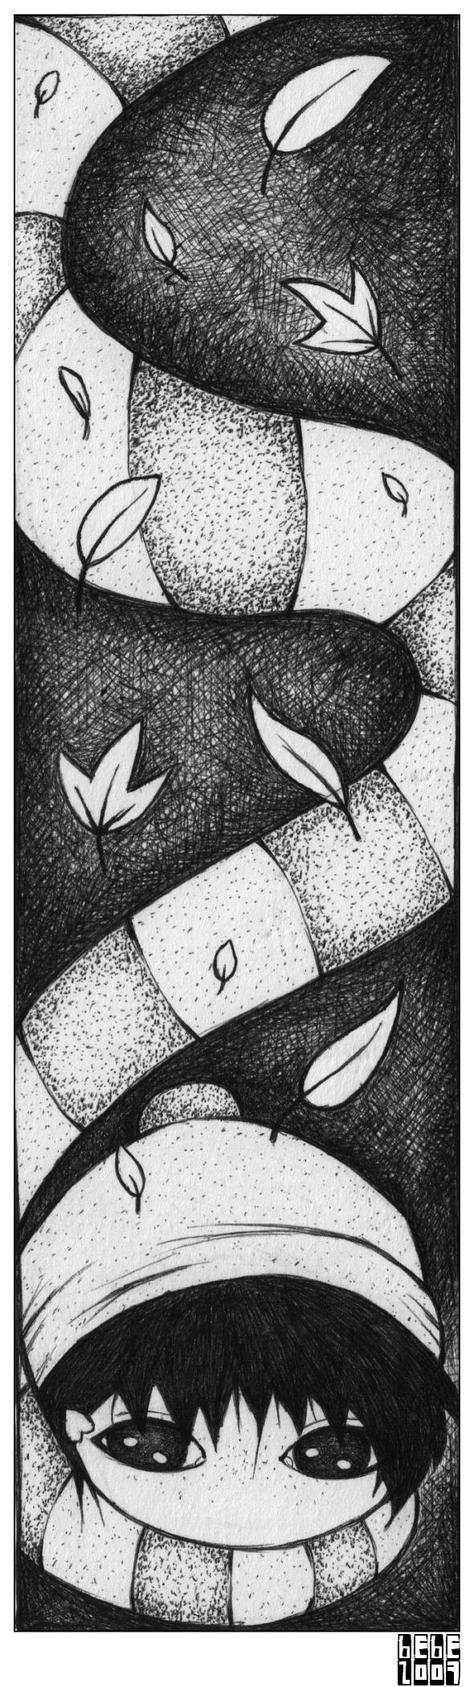 scarf by wazka